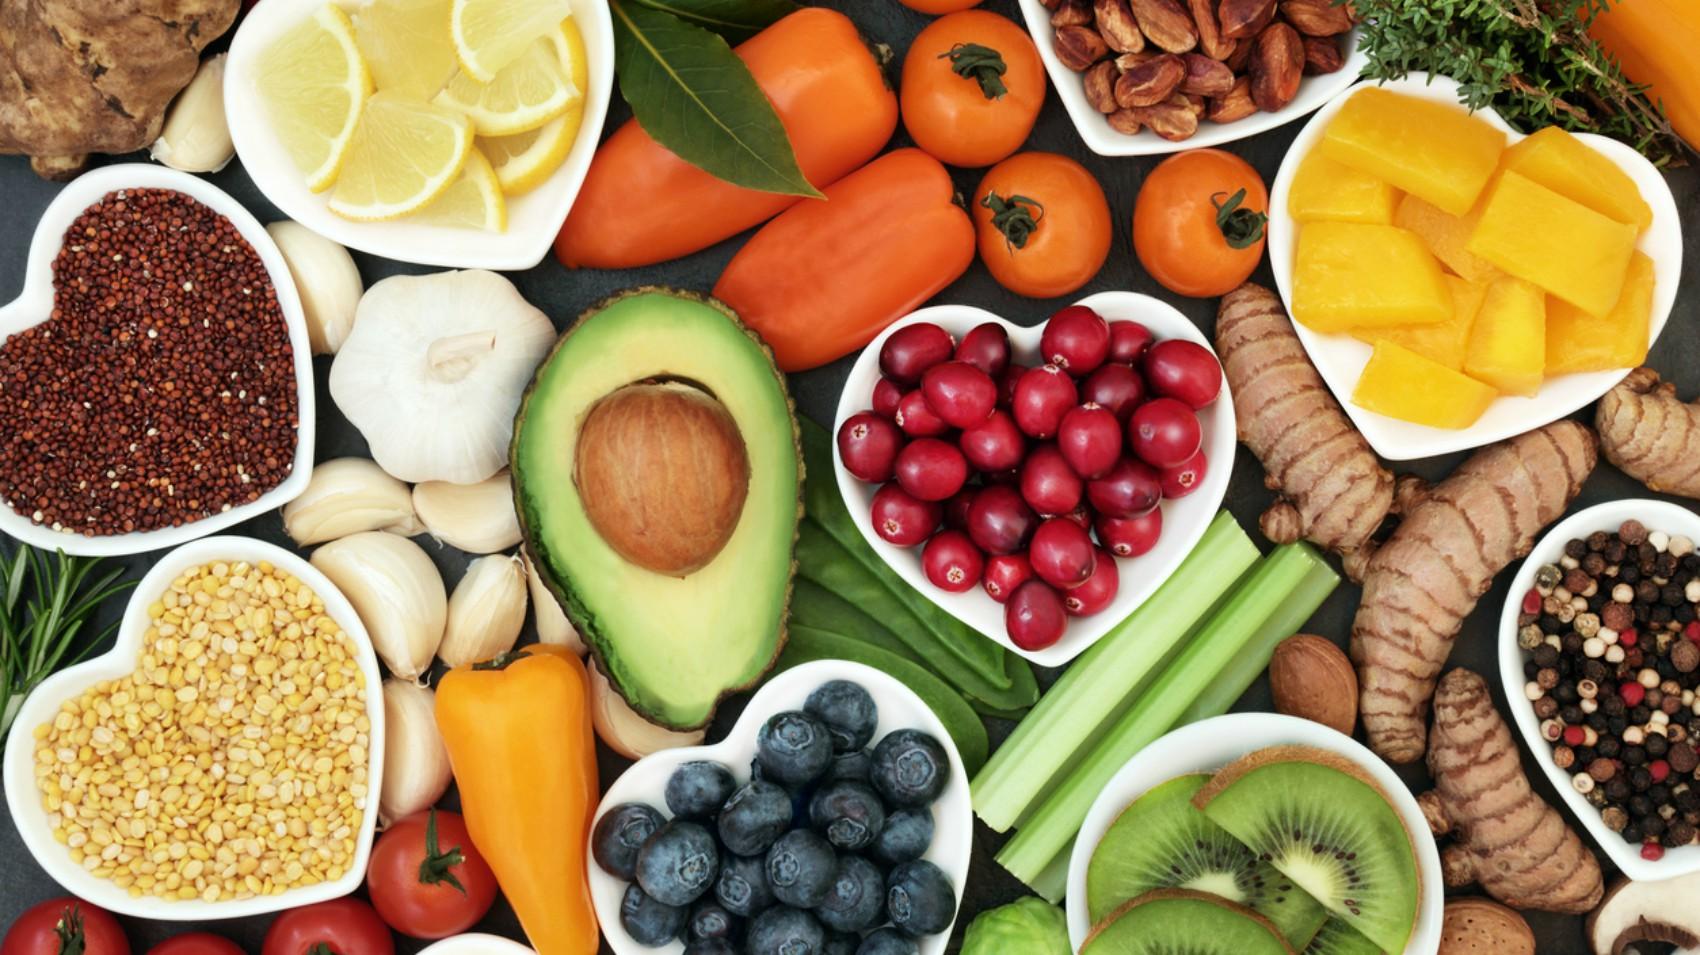 dieta per diminuire colesterolo cattivo